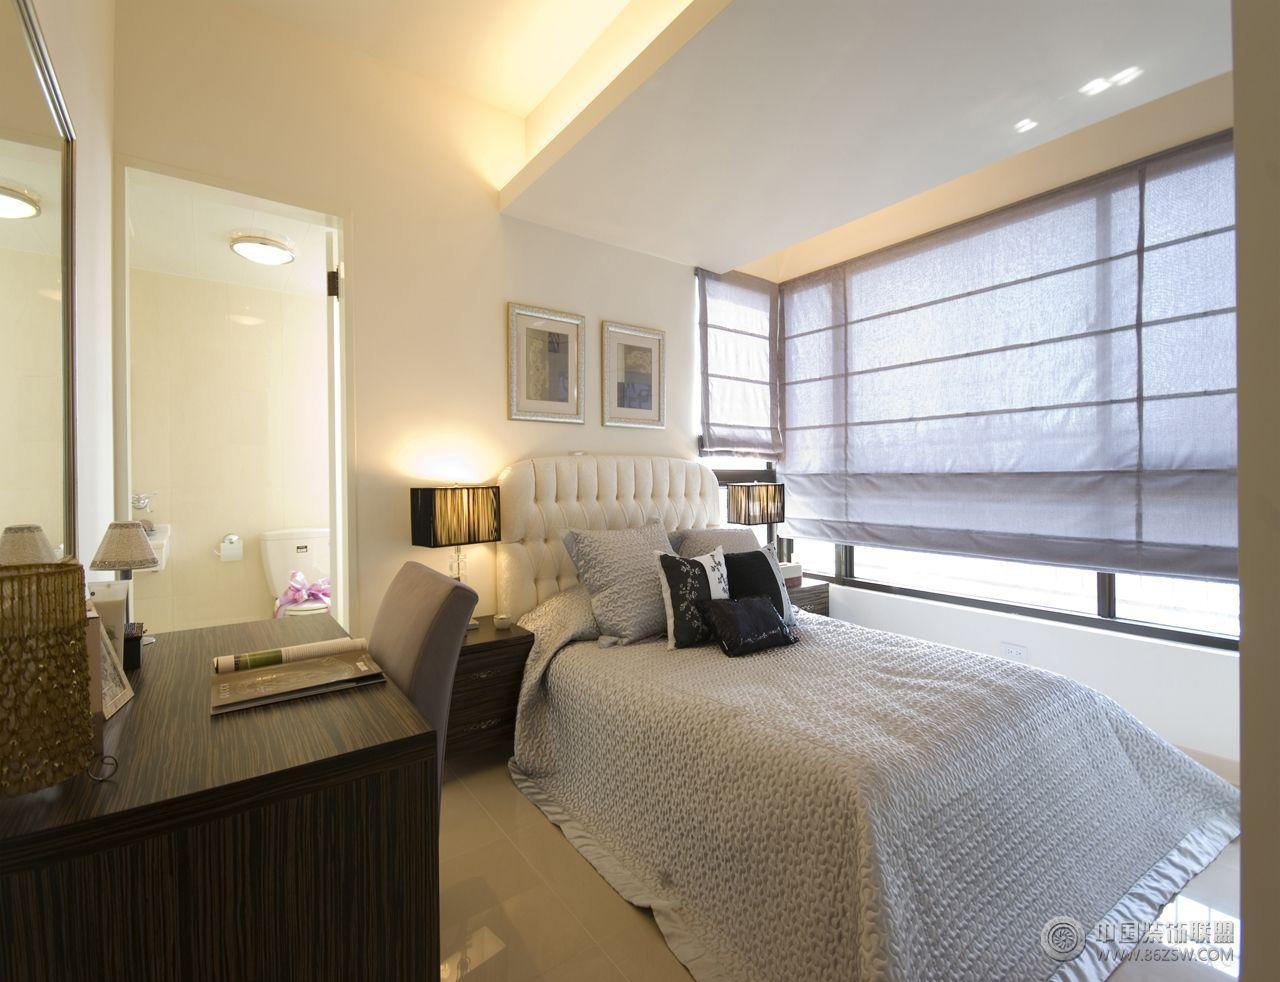 现代简约小户型装修图-卧室装修图片